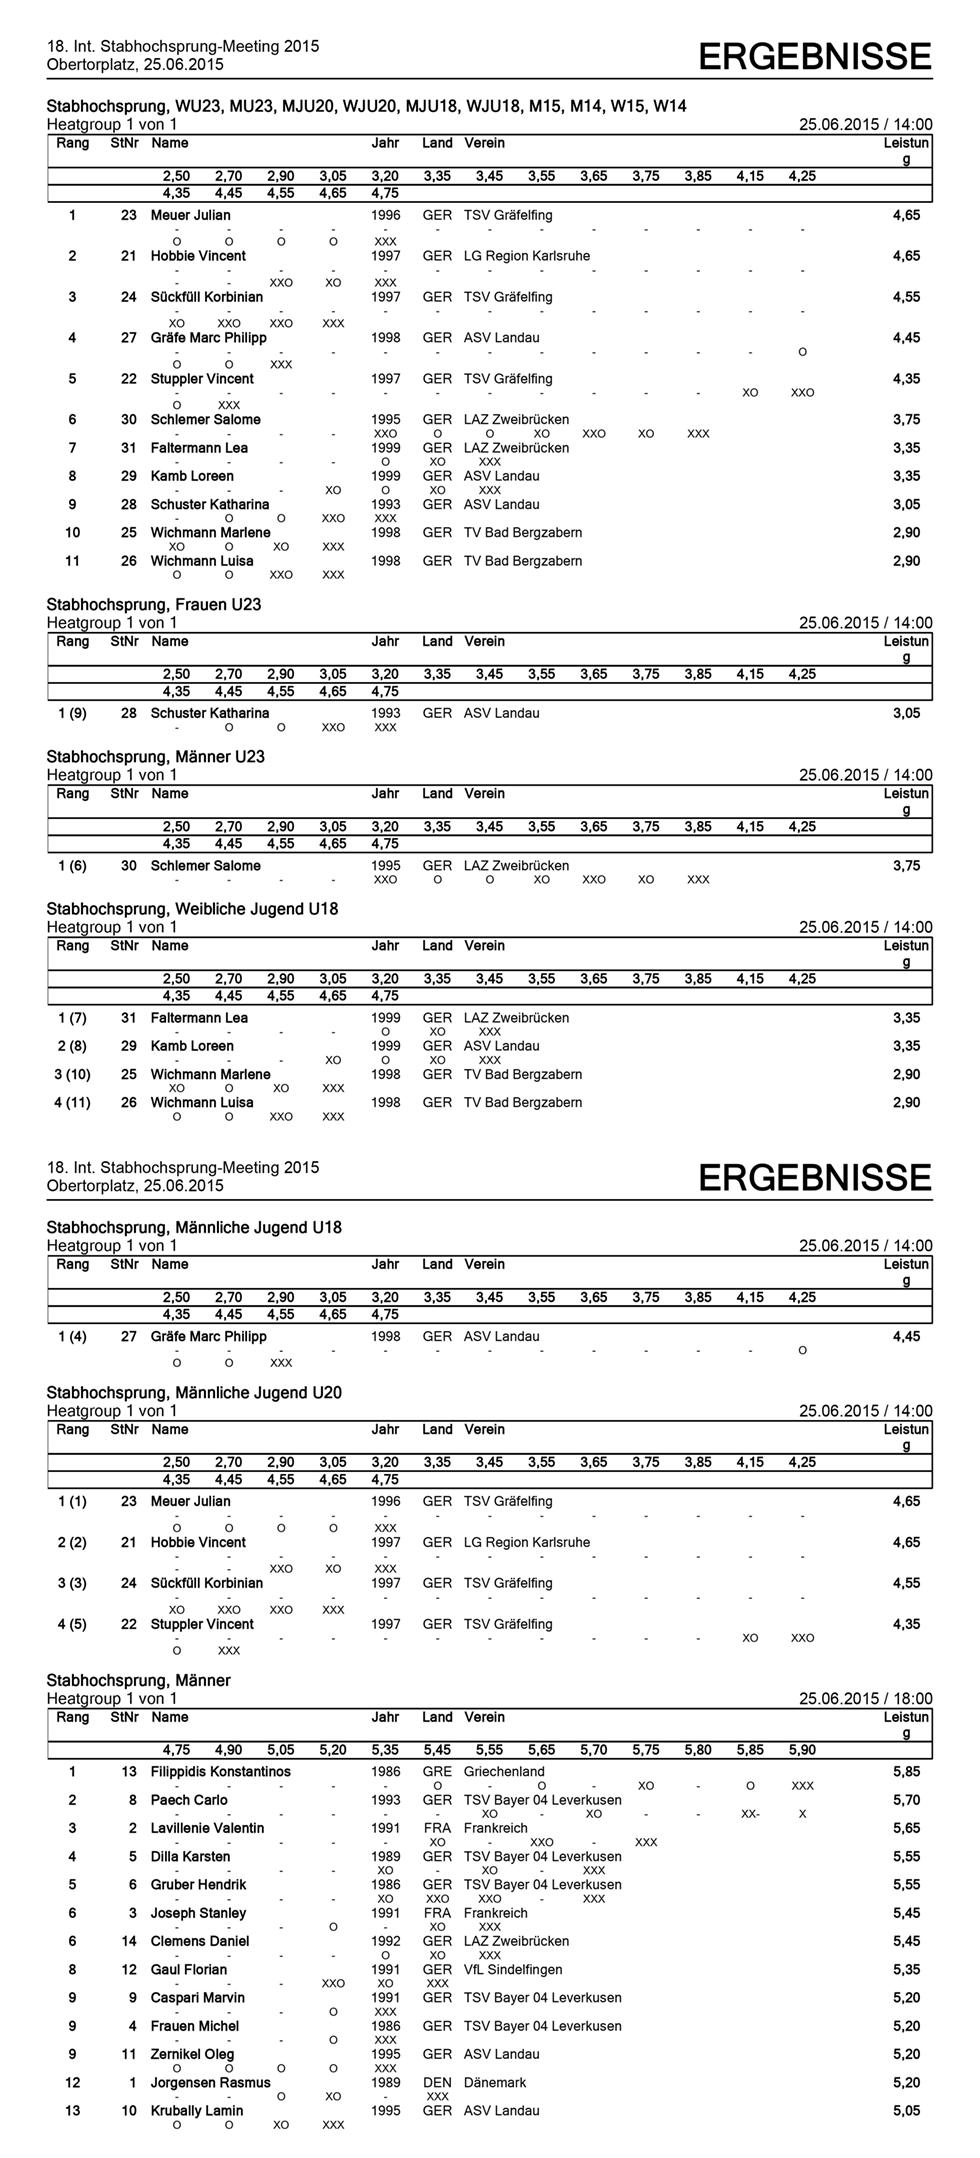 Ergebnisse-2015-